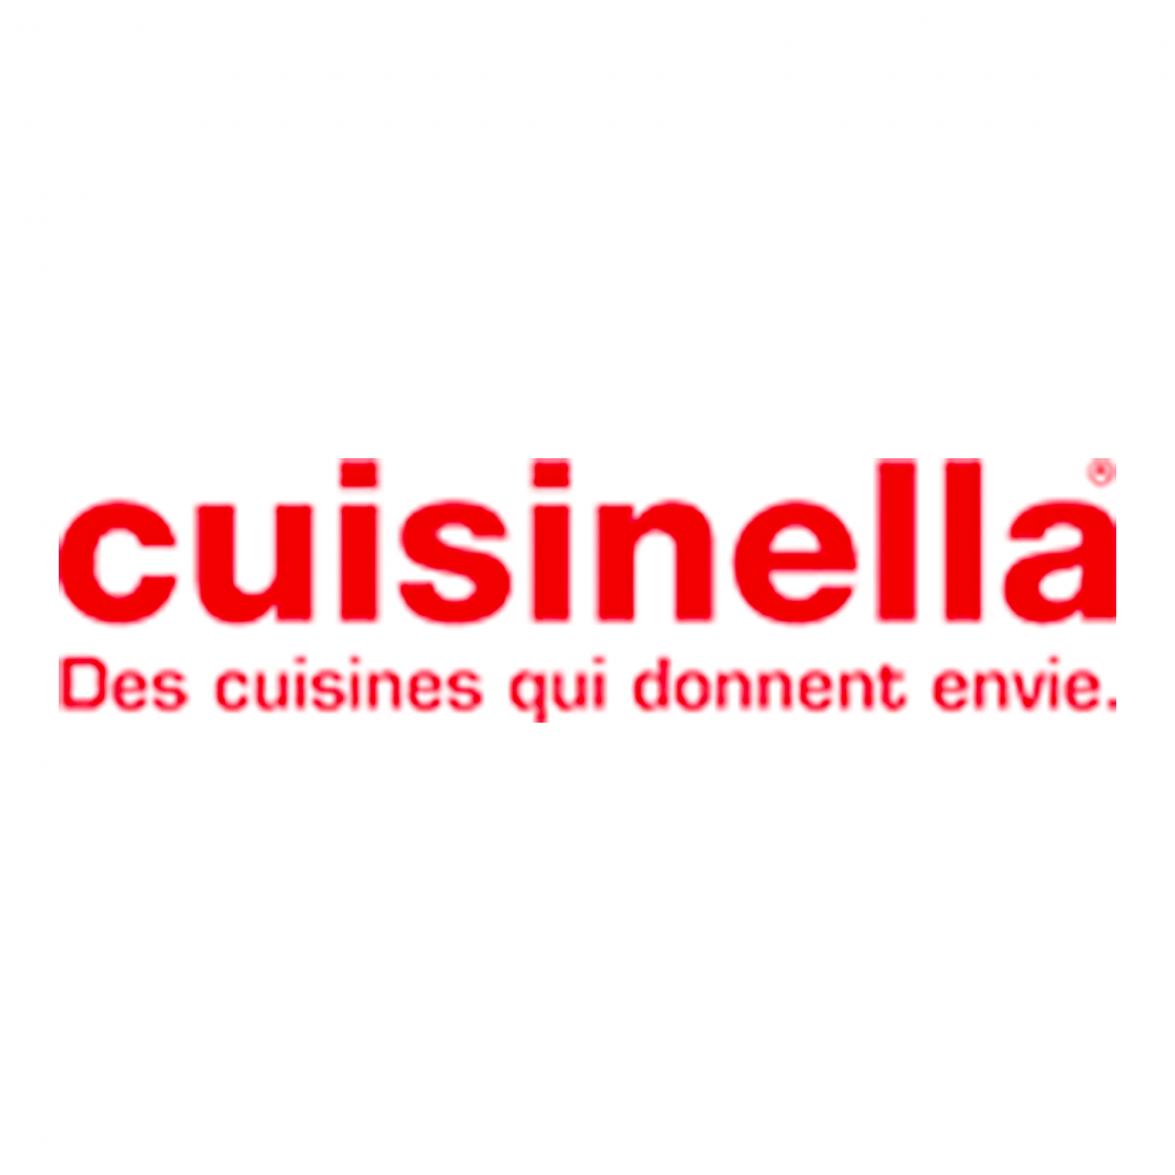 Angèle Von kiss - Mes clients - cuisinella